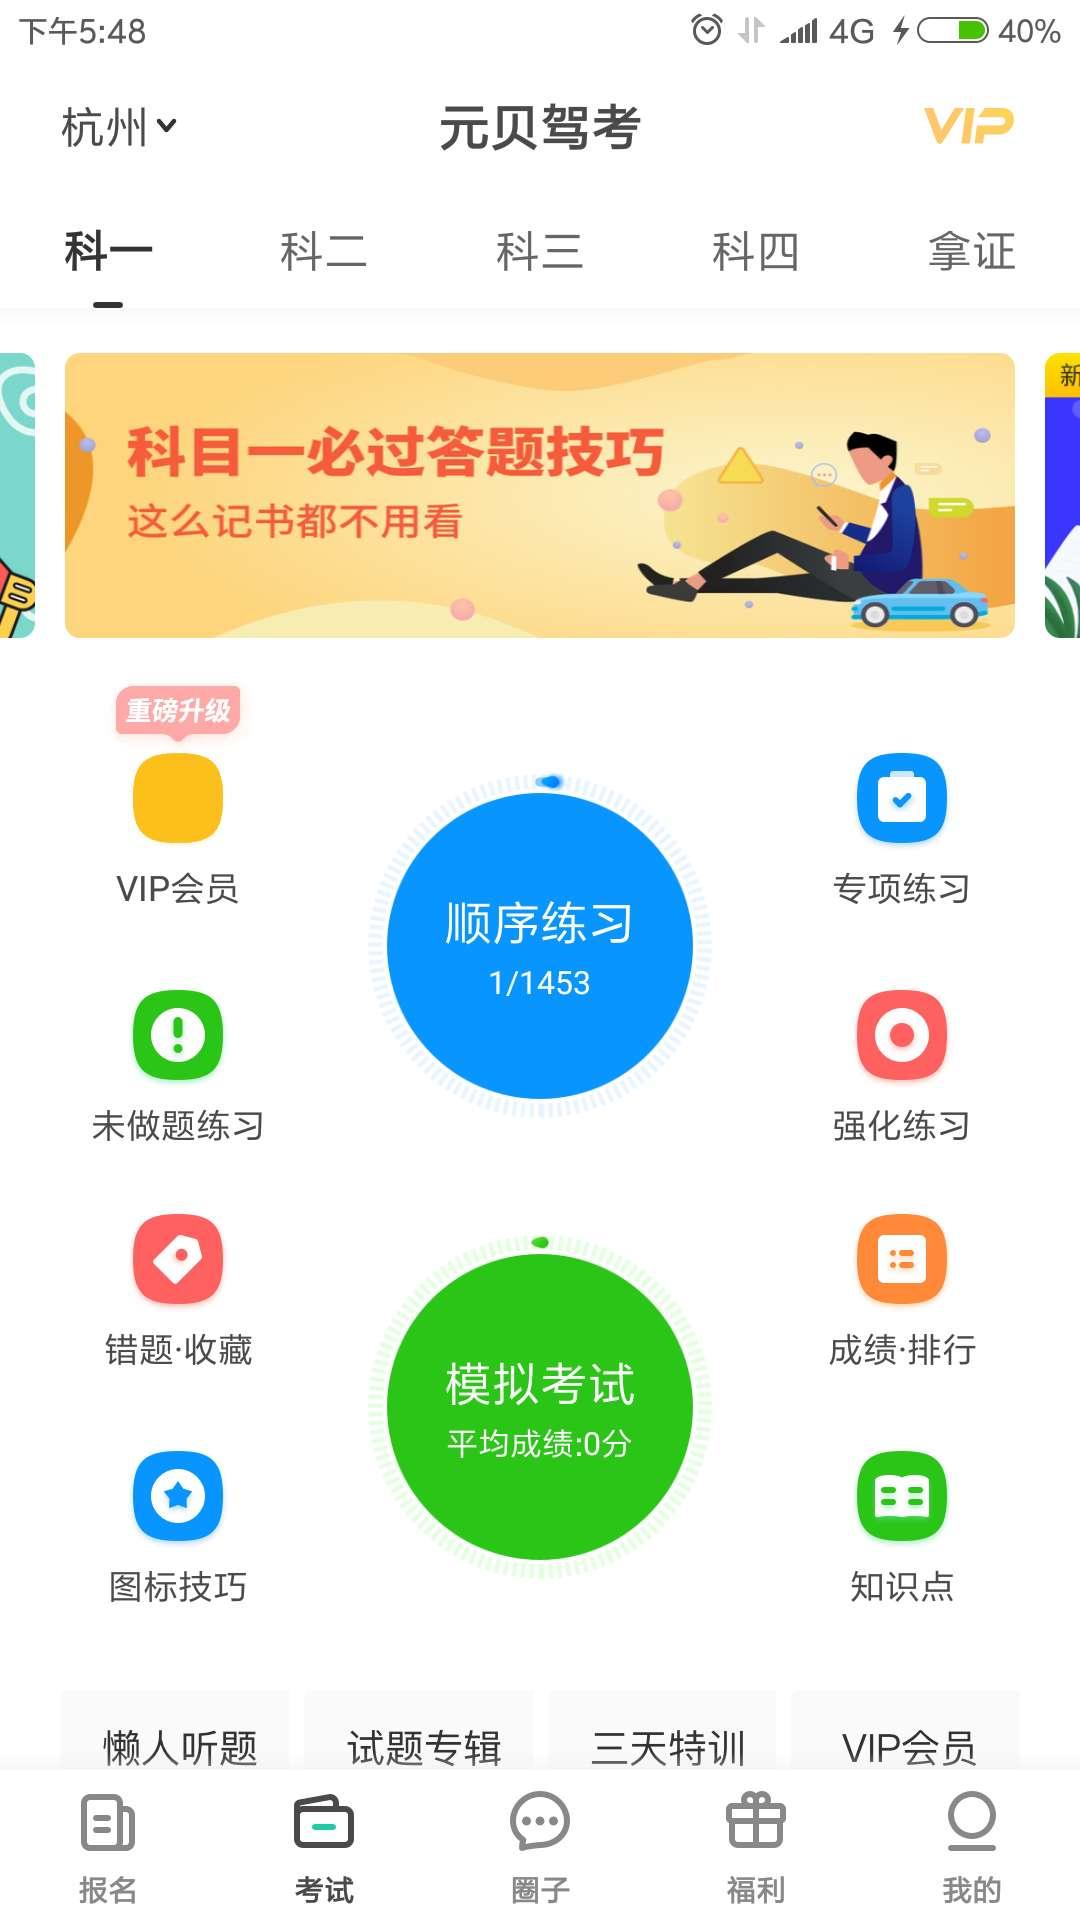 【分享】元贝驾考v8.0.6VIP版,解锁VIP权限!